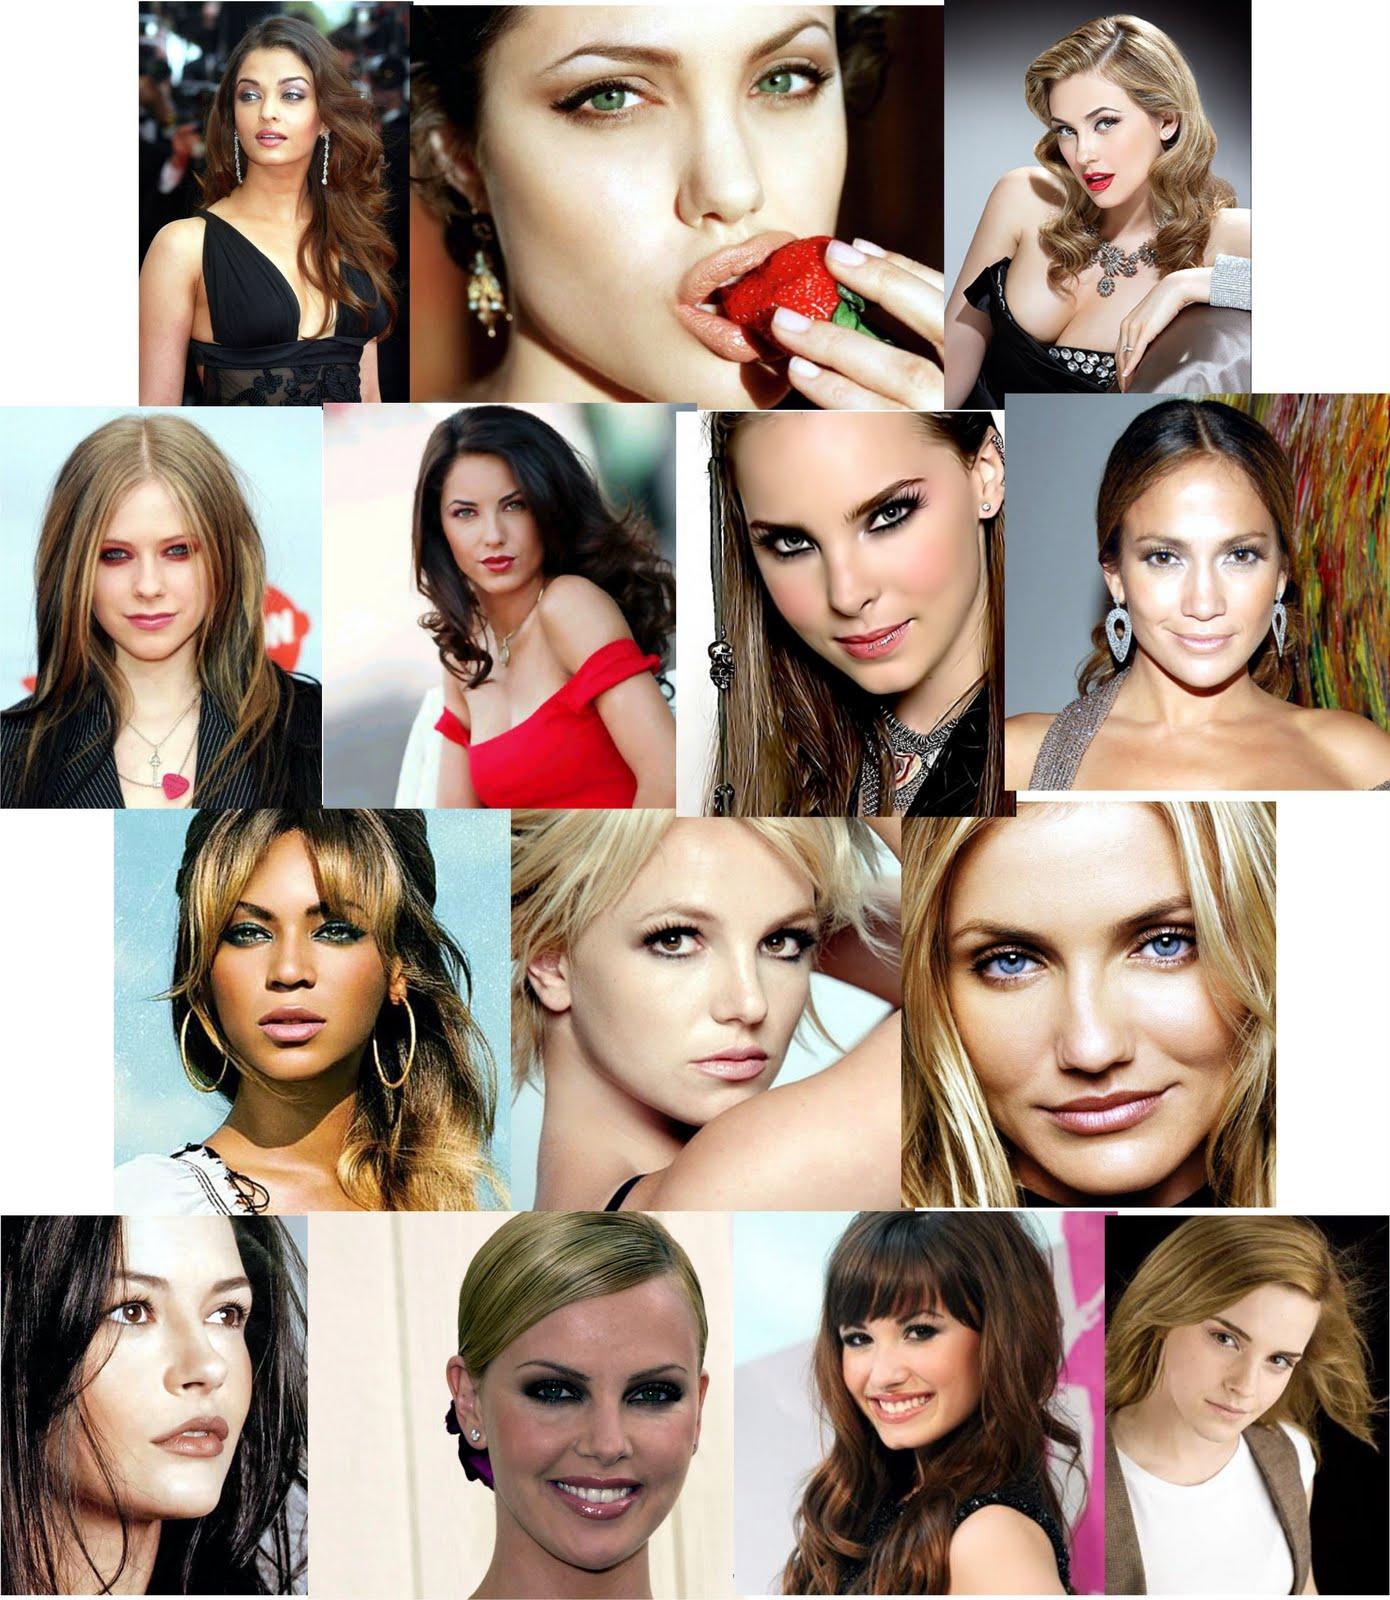 http://3.bp.blogspot.com/-zcWBj-xp1qw/Tl20wVmn1dI/AAAAAAAABMk/0MtNZLBWQhw/s1600/CHICAS+1.jpg